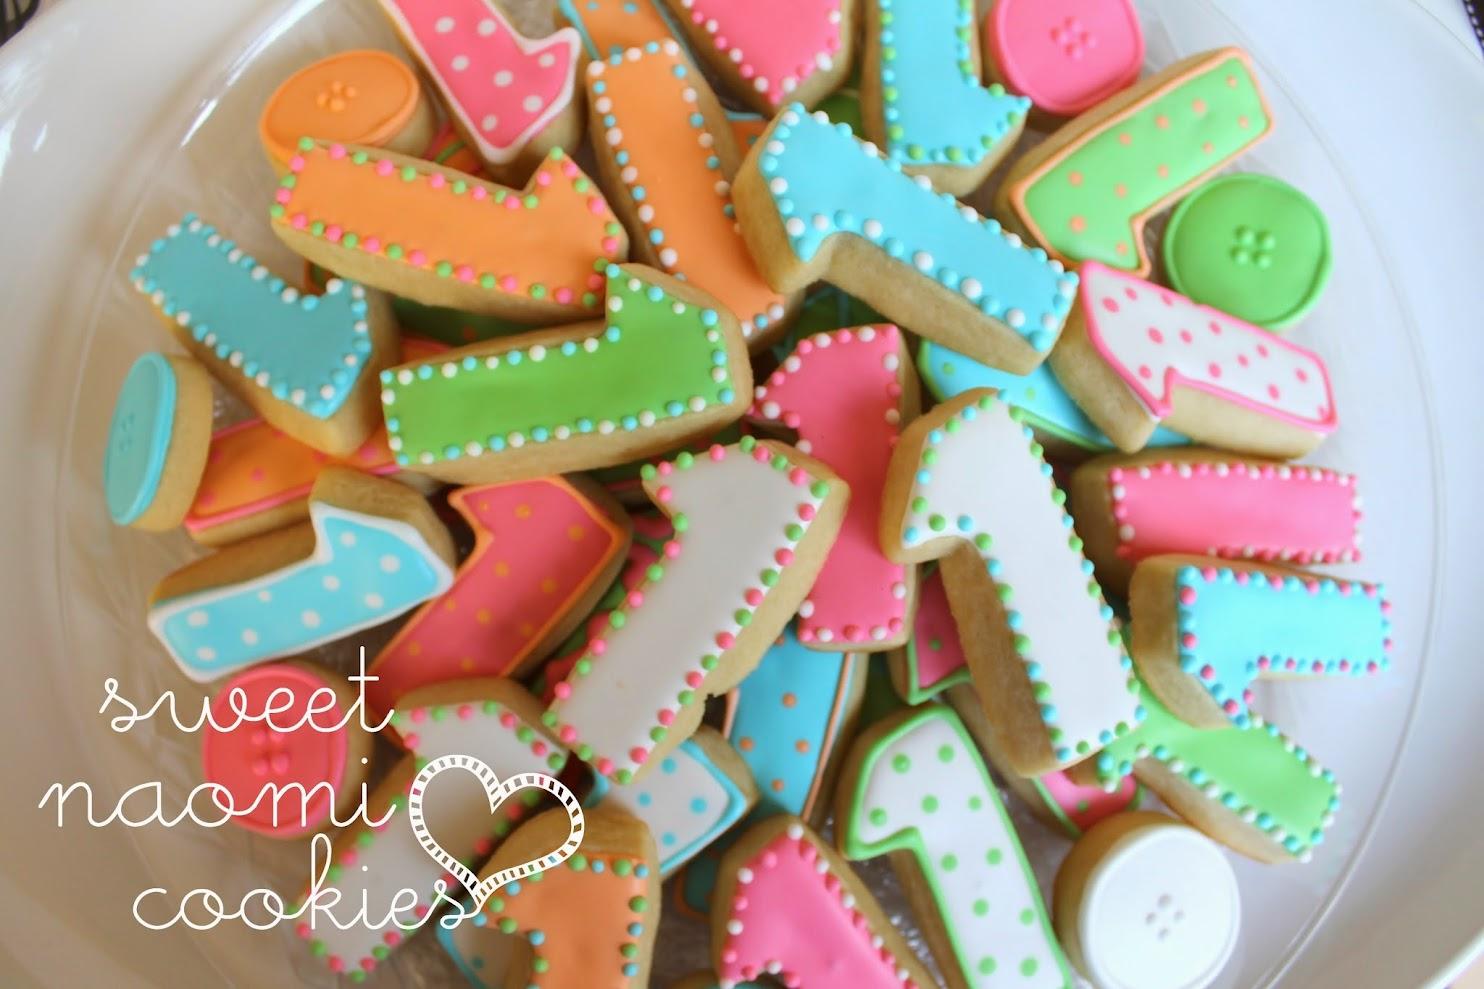 Number 1 Cookies